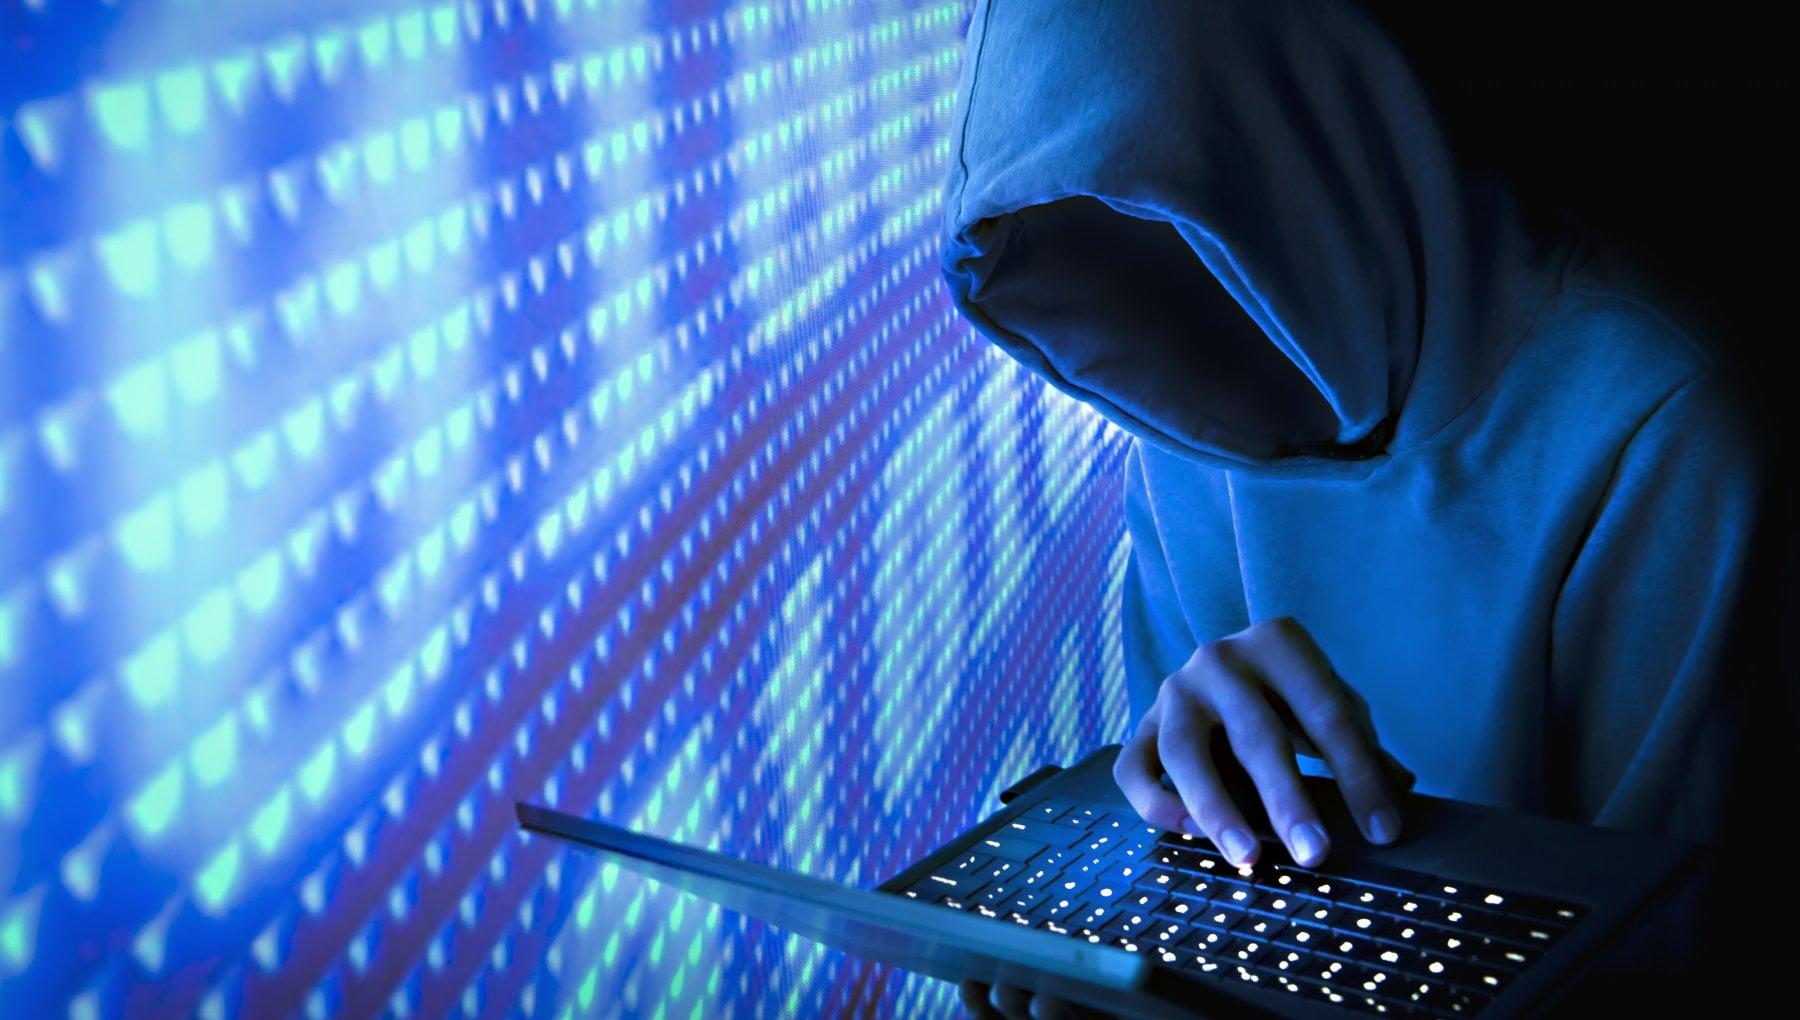 La Sicurezza Informatica, questa (pericolosamente) sconosciuta